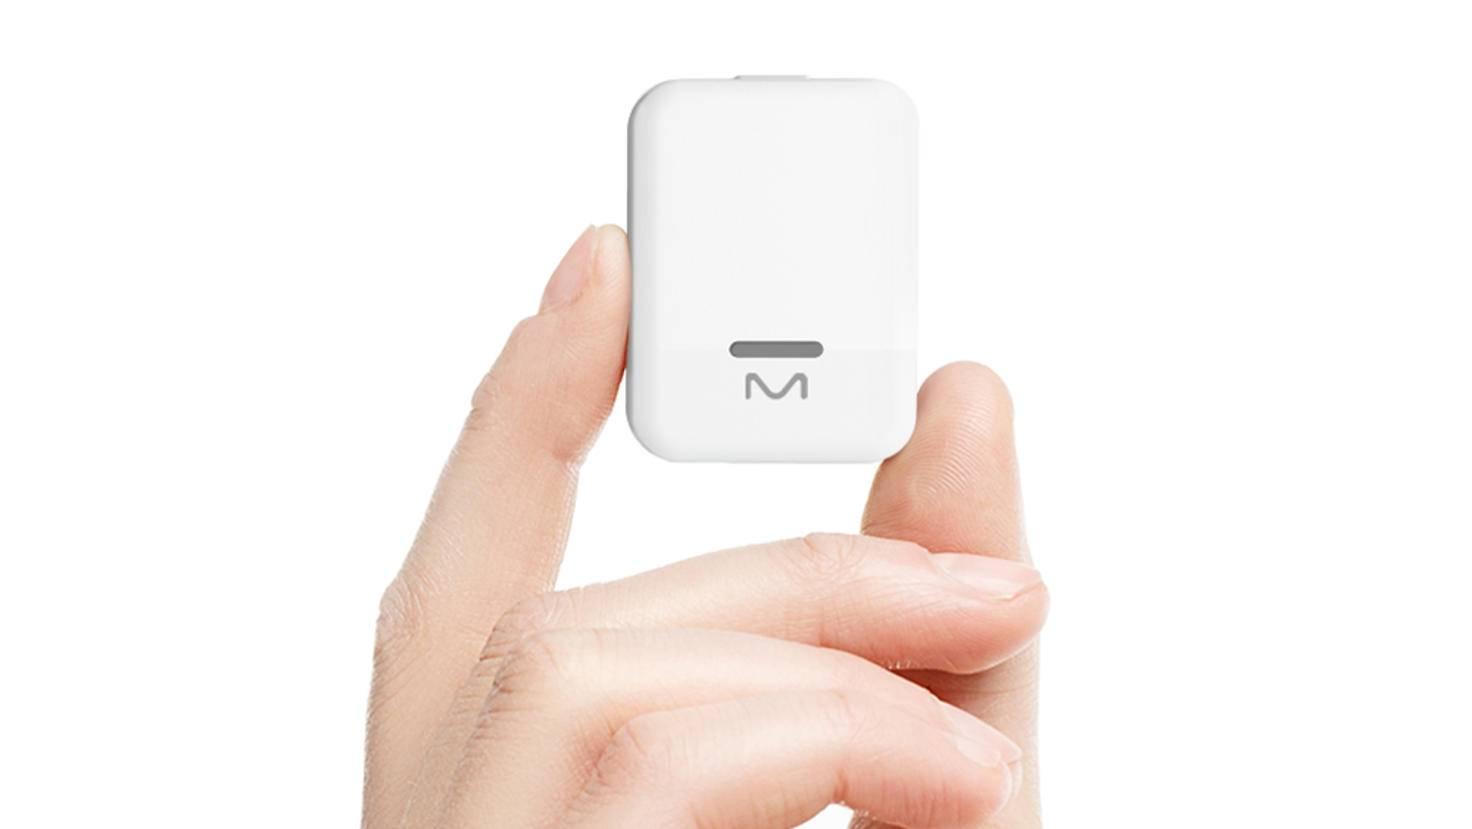 Der Tracker wird adank eines Magneten auf Brusthöhe unter der Kleidung getragen.